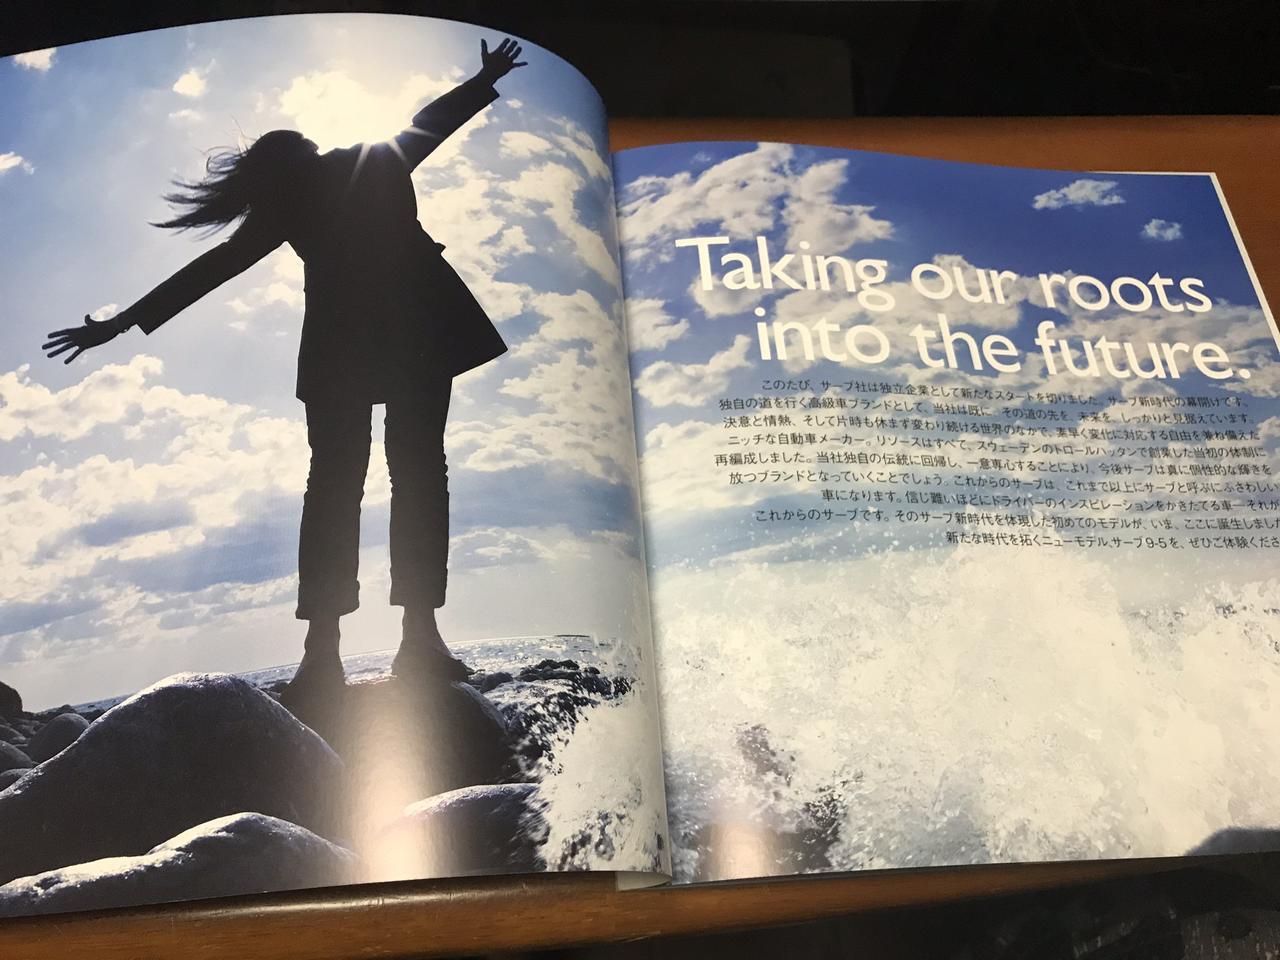 画像2: Taking our roots into the future